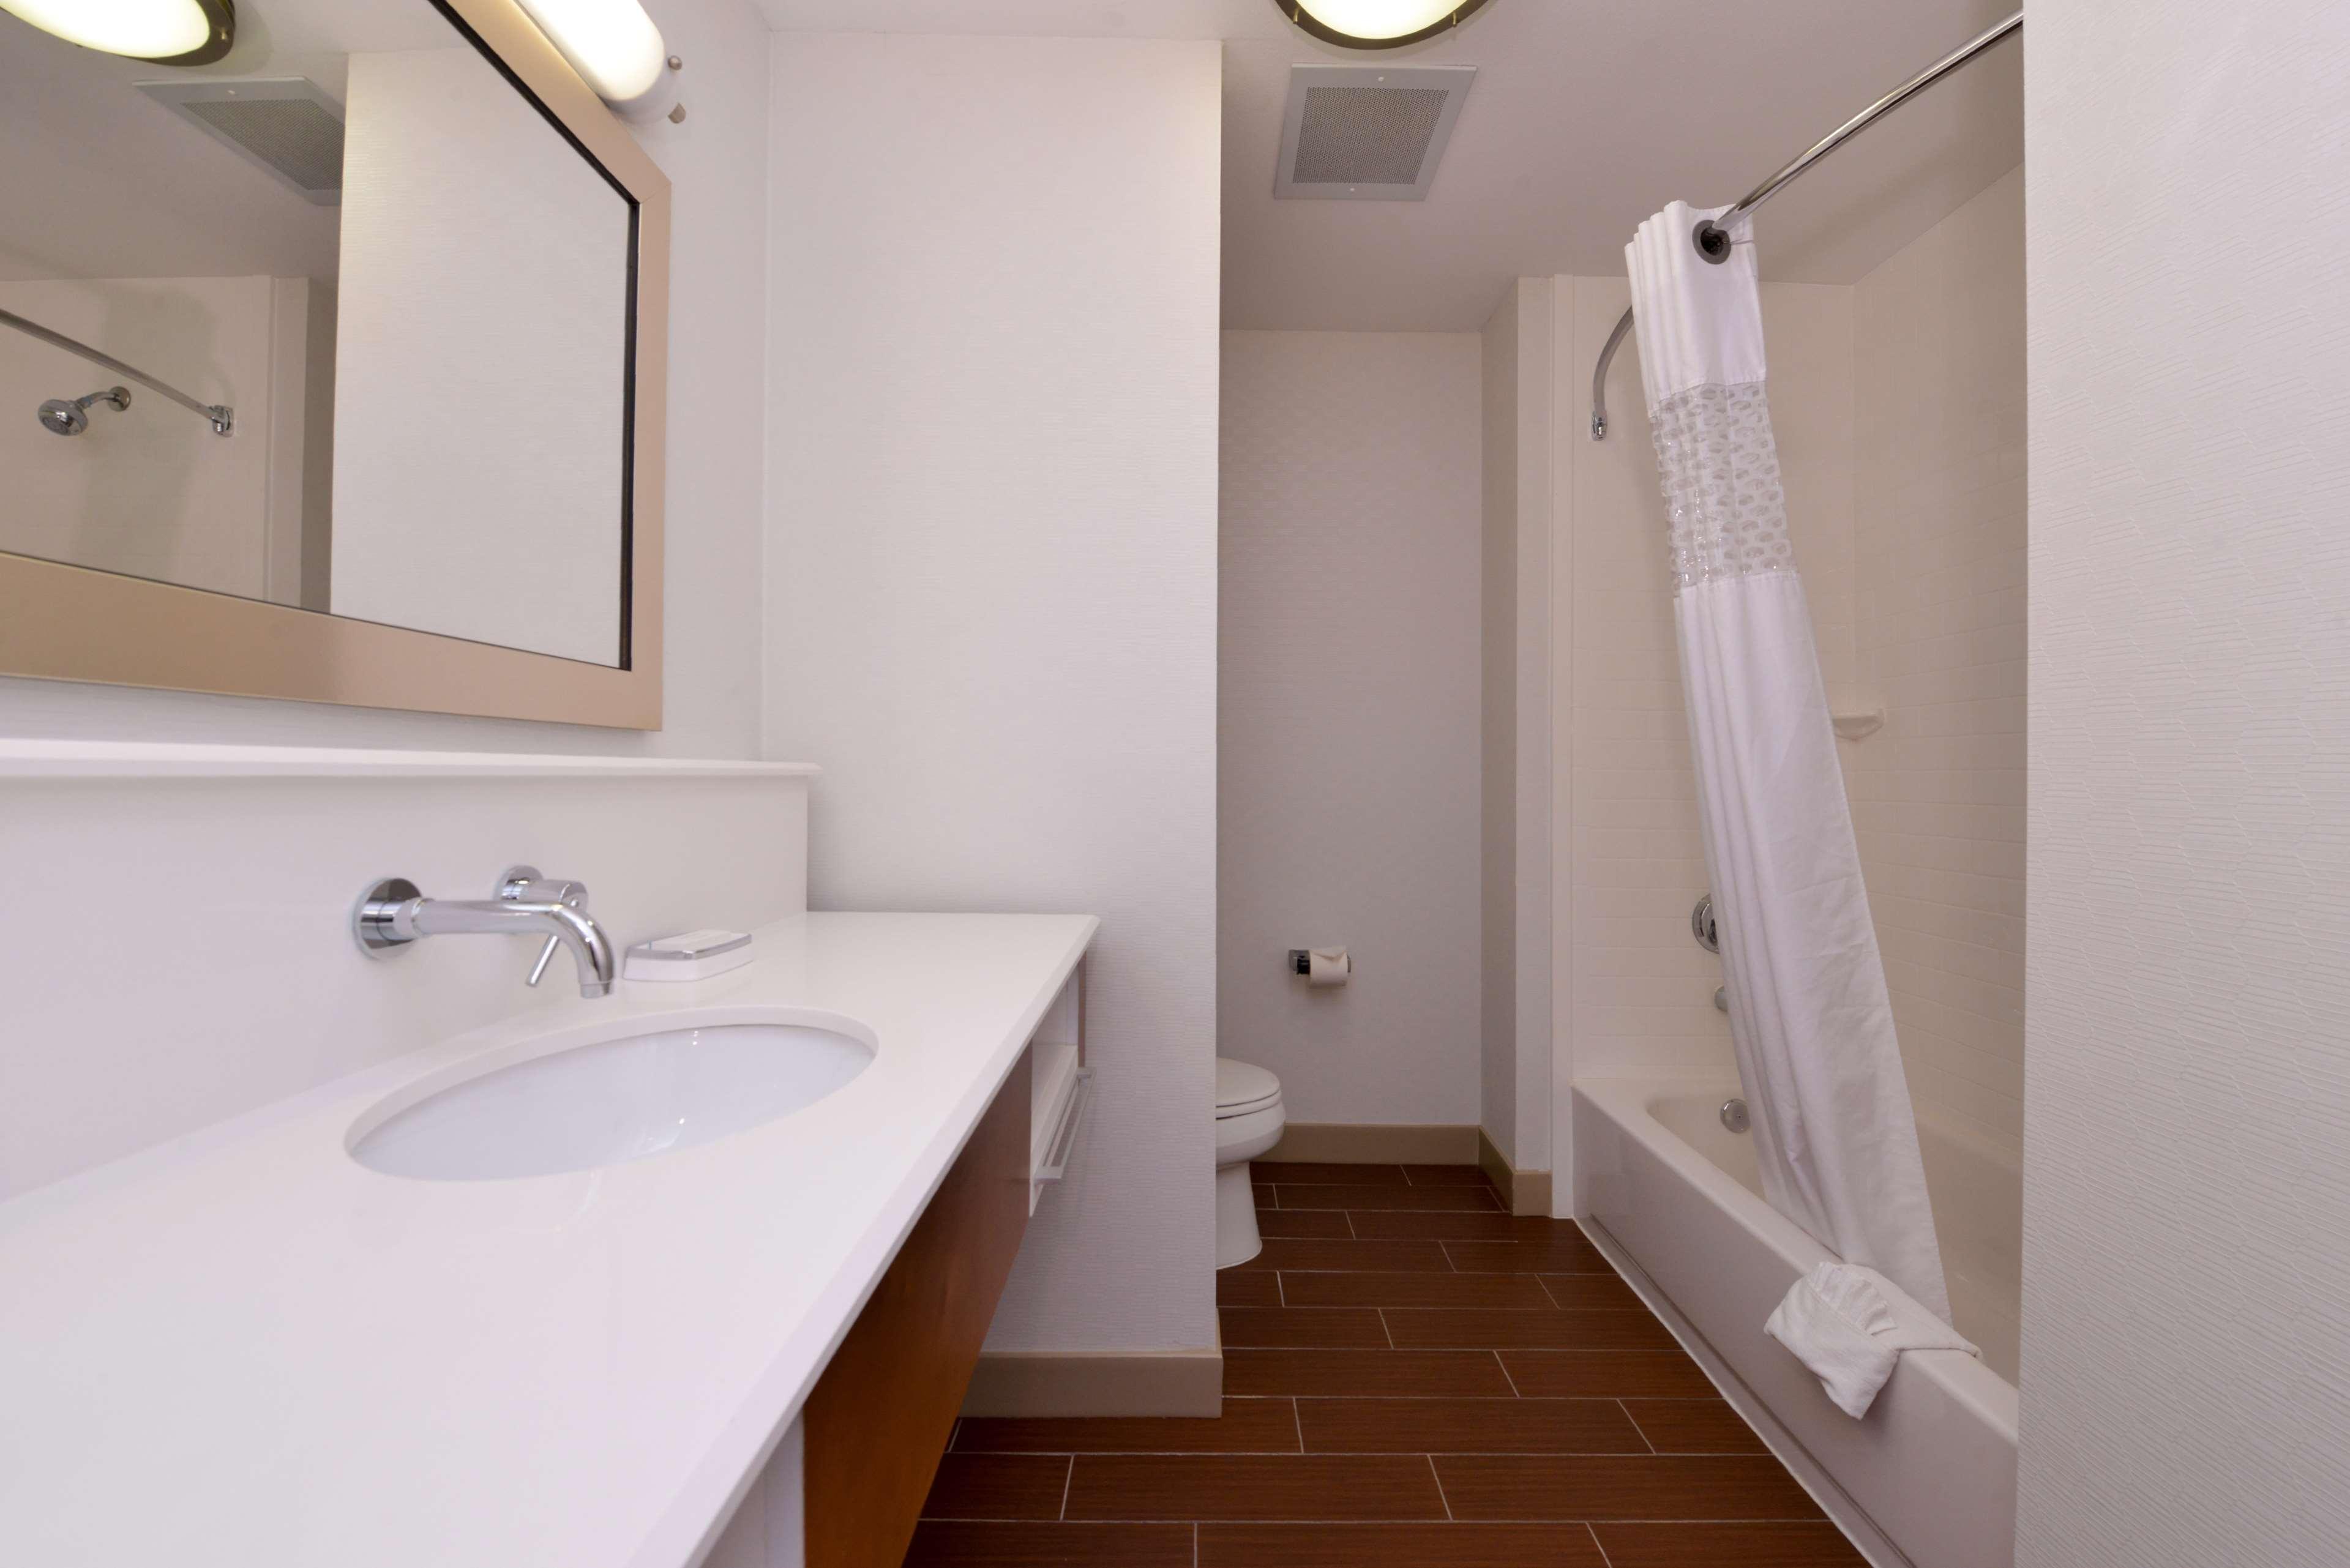 Hampton Inn & Suites Lonoke image 37